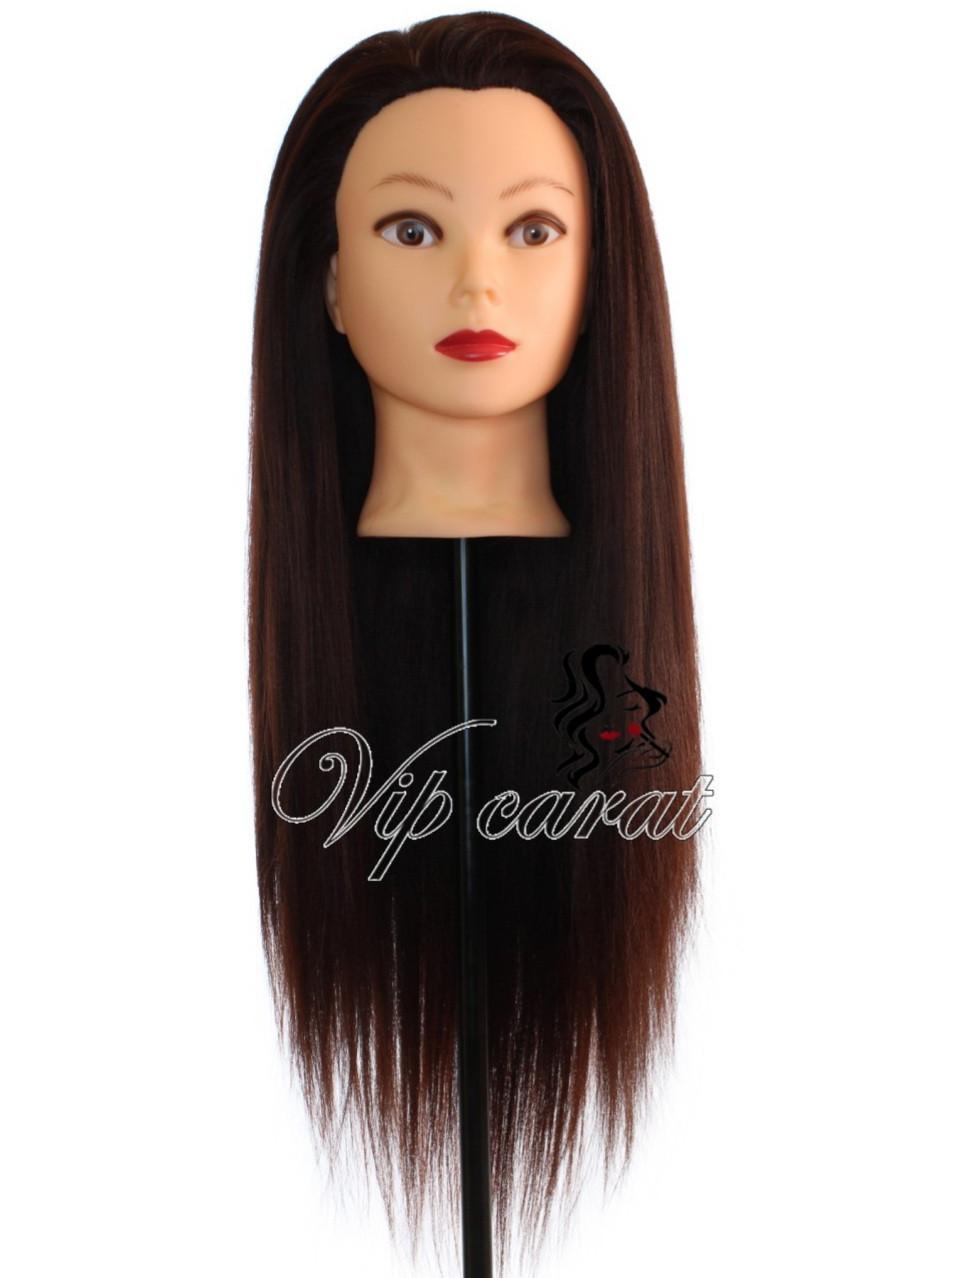 Навчальна голова манекен для зачісок з волоссям 30% натуральних / лялька для перукаря